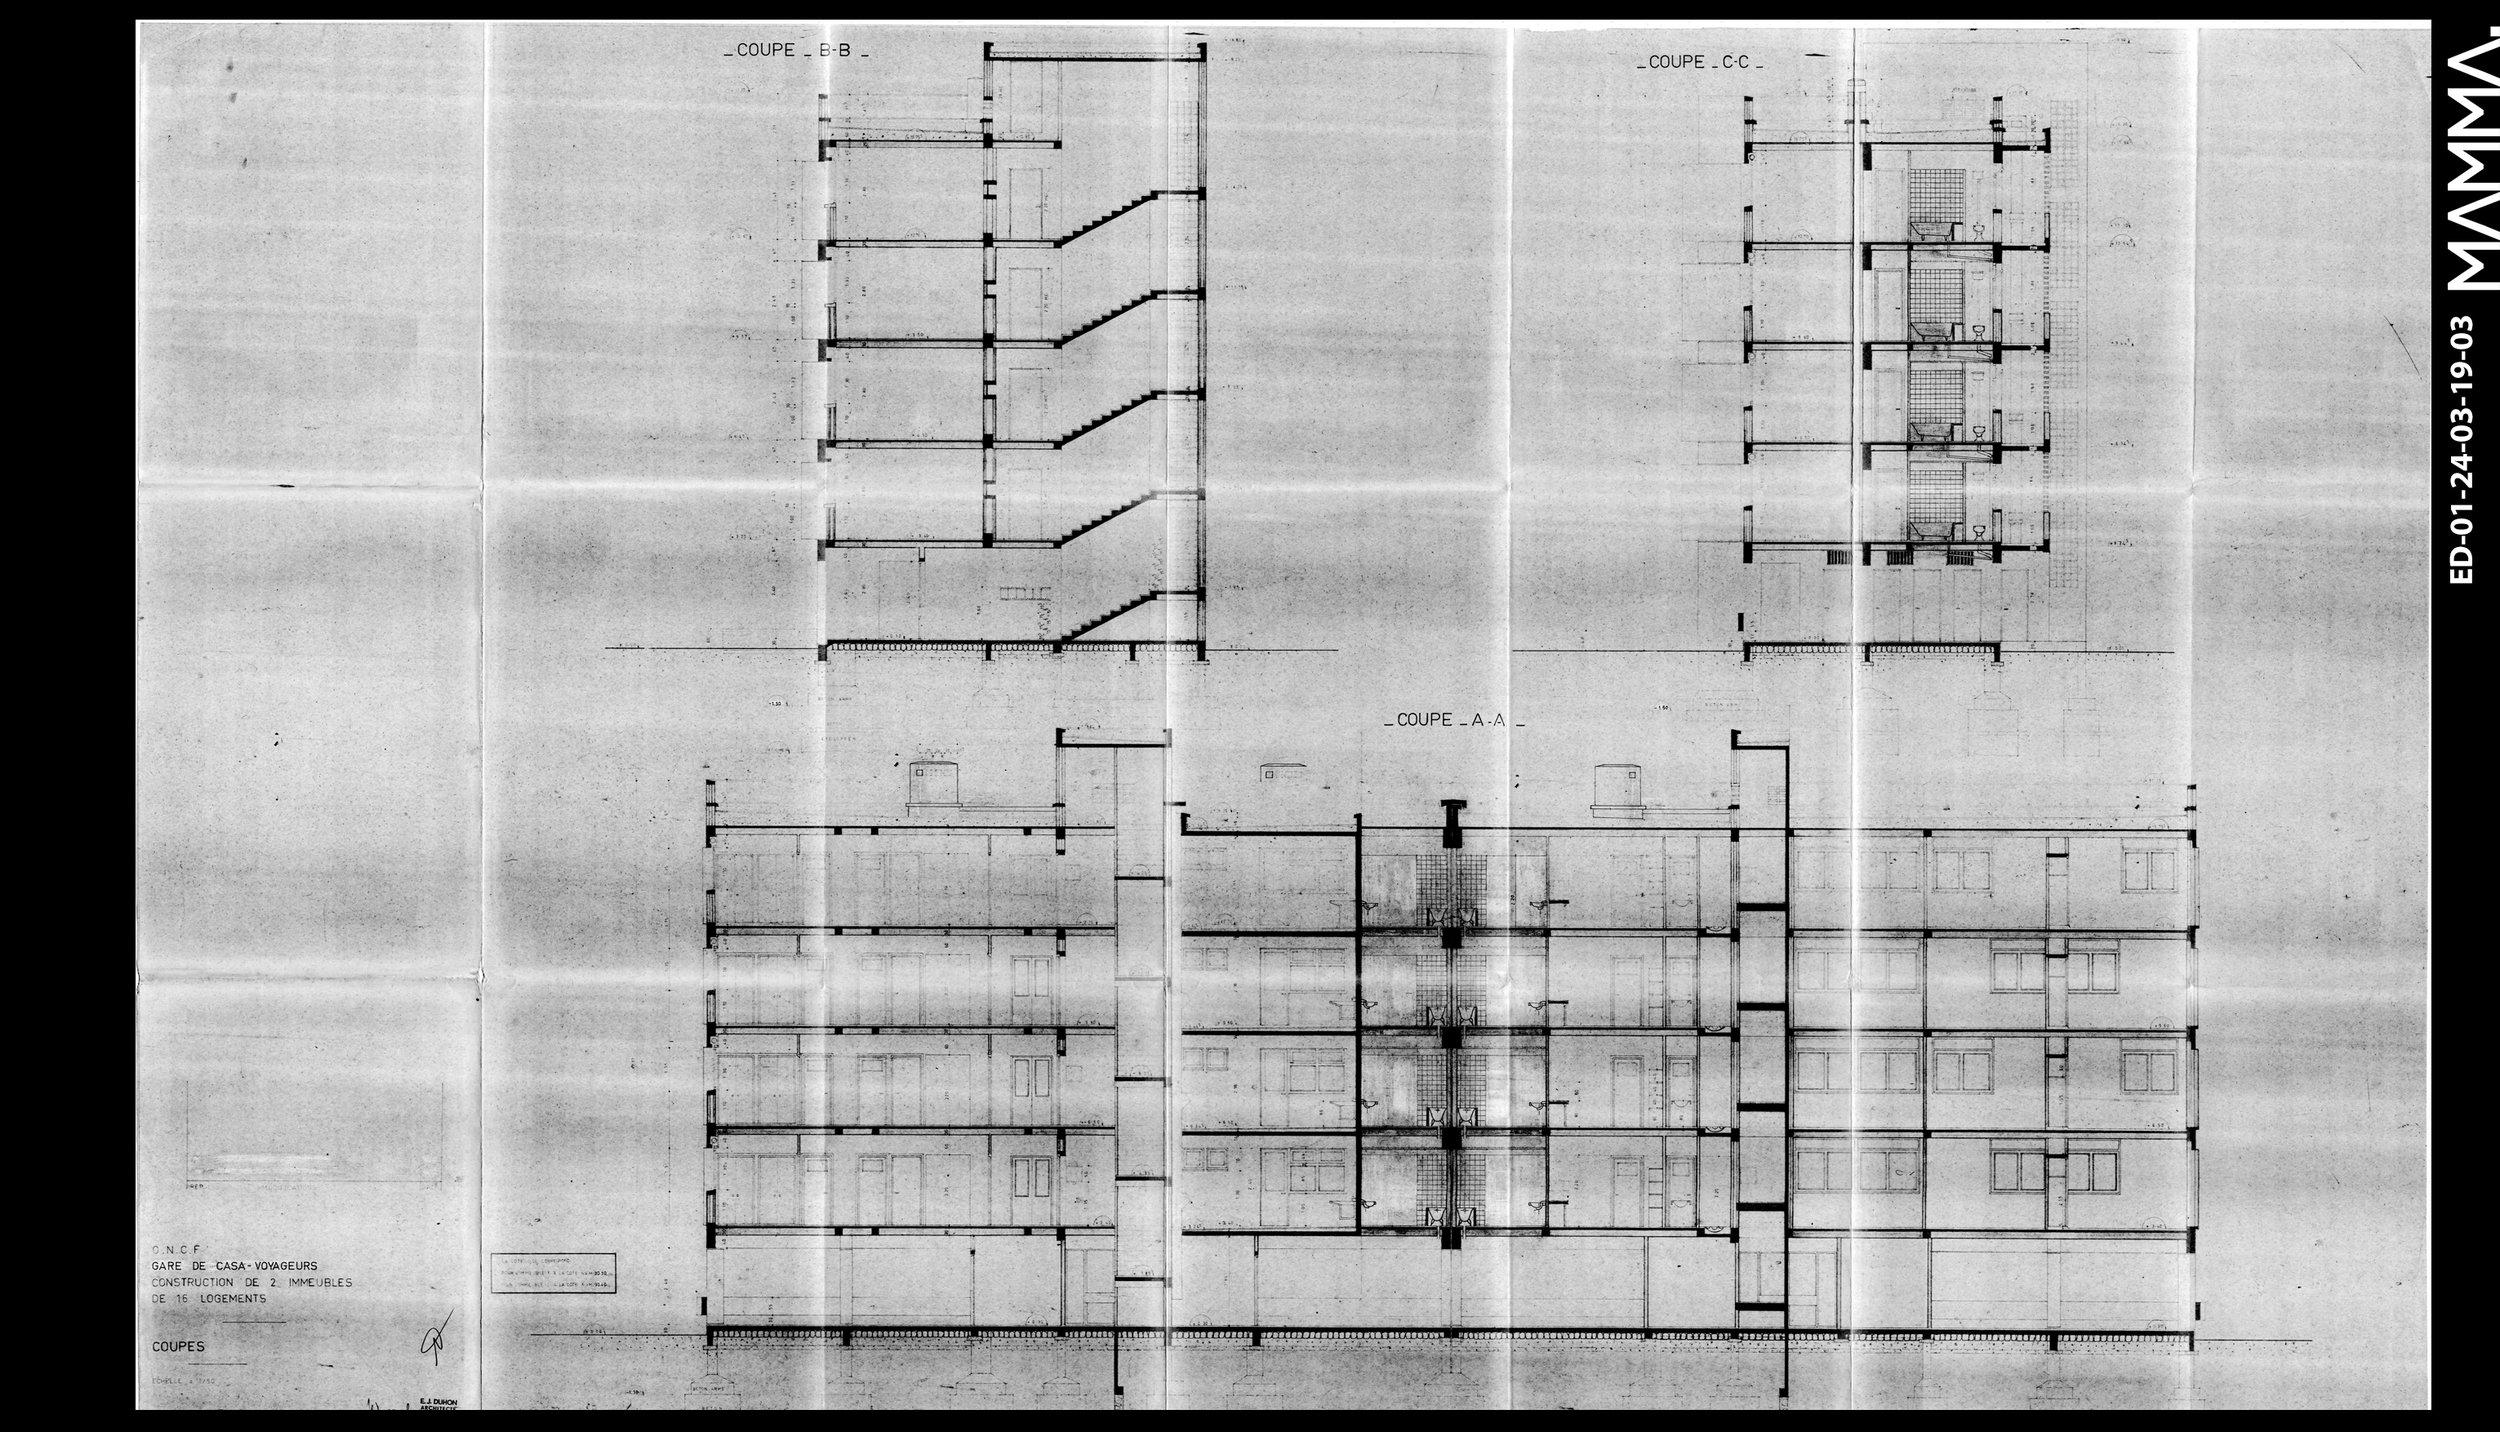 1972-2 Immeubles de 16 Logements- ONCF à Casablanca   Agence: Emile Duhon  Contenu: Coupes  Dimensions: 142 x 89,54 cm  © MAMMAARCHIVE   Réf: MAMMA-  ED-01-24-03-19-03